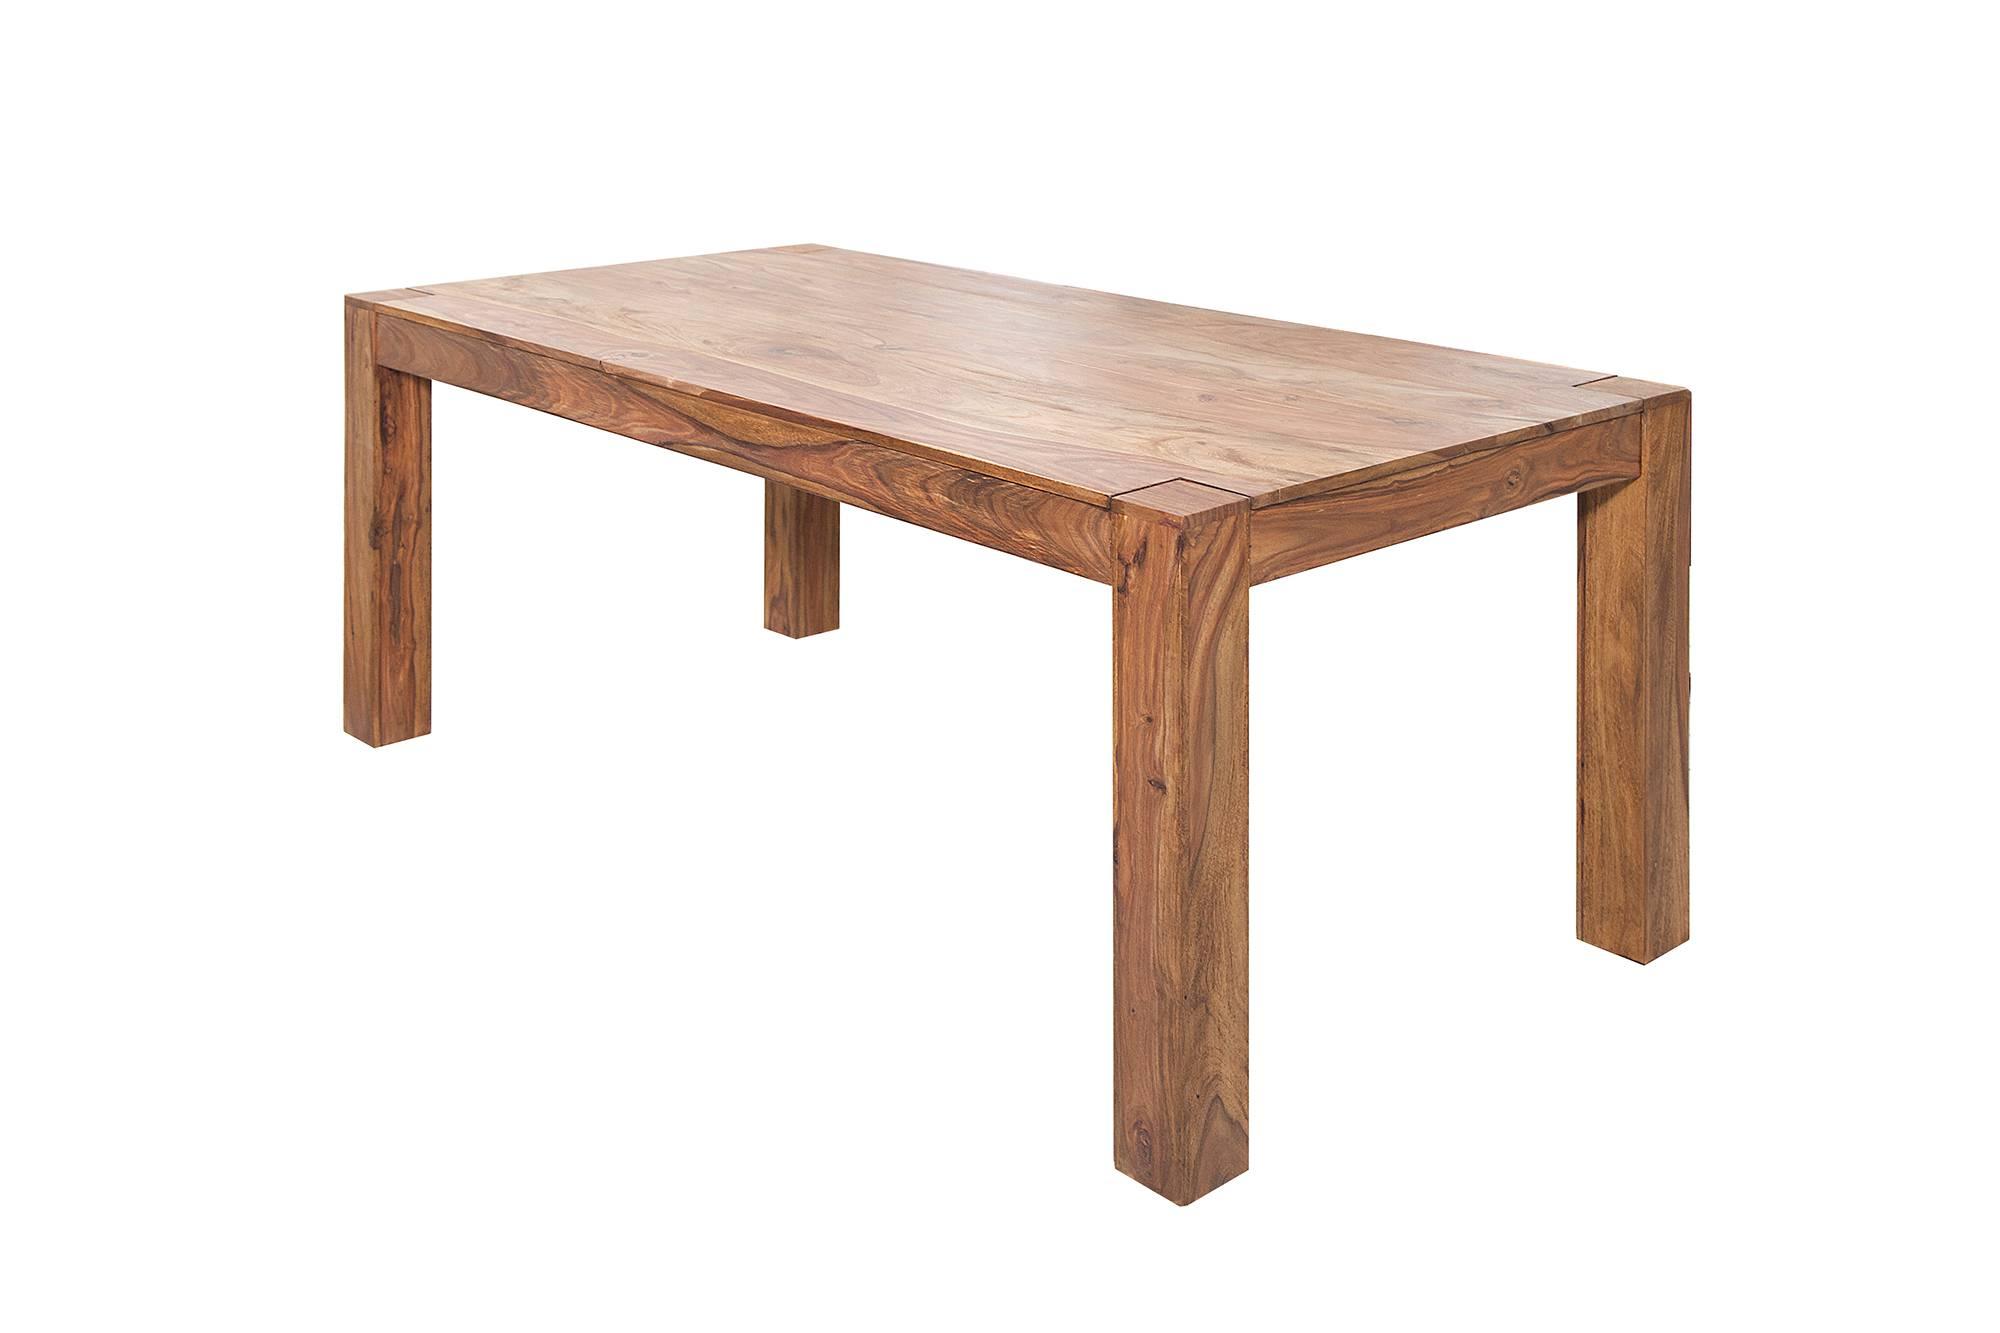 Étkezőasztal masszív Timber 160 cm